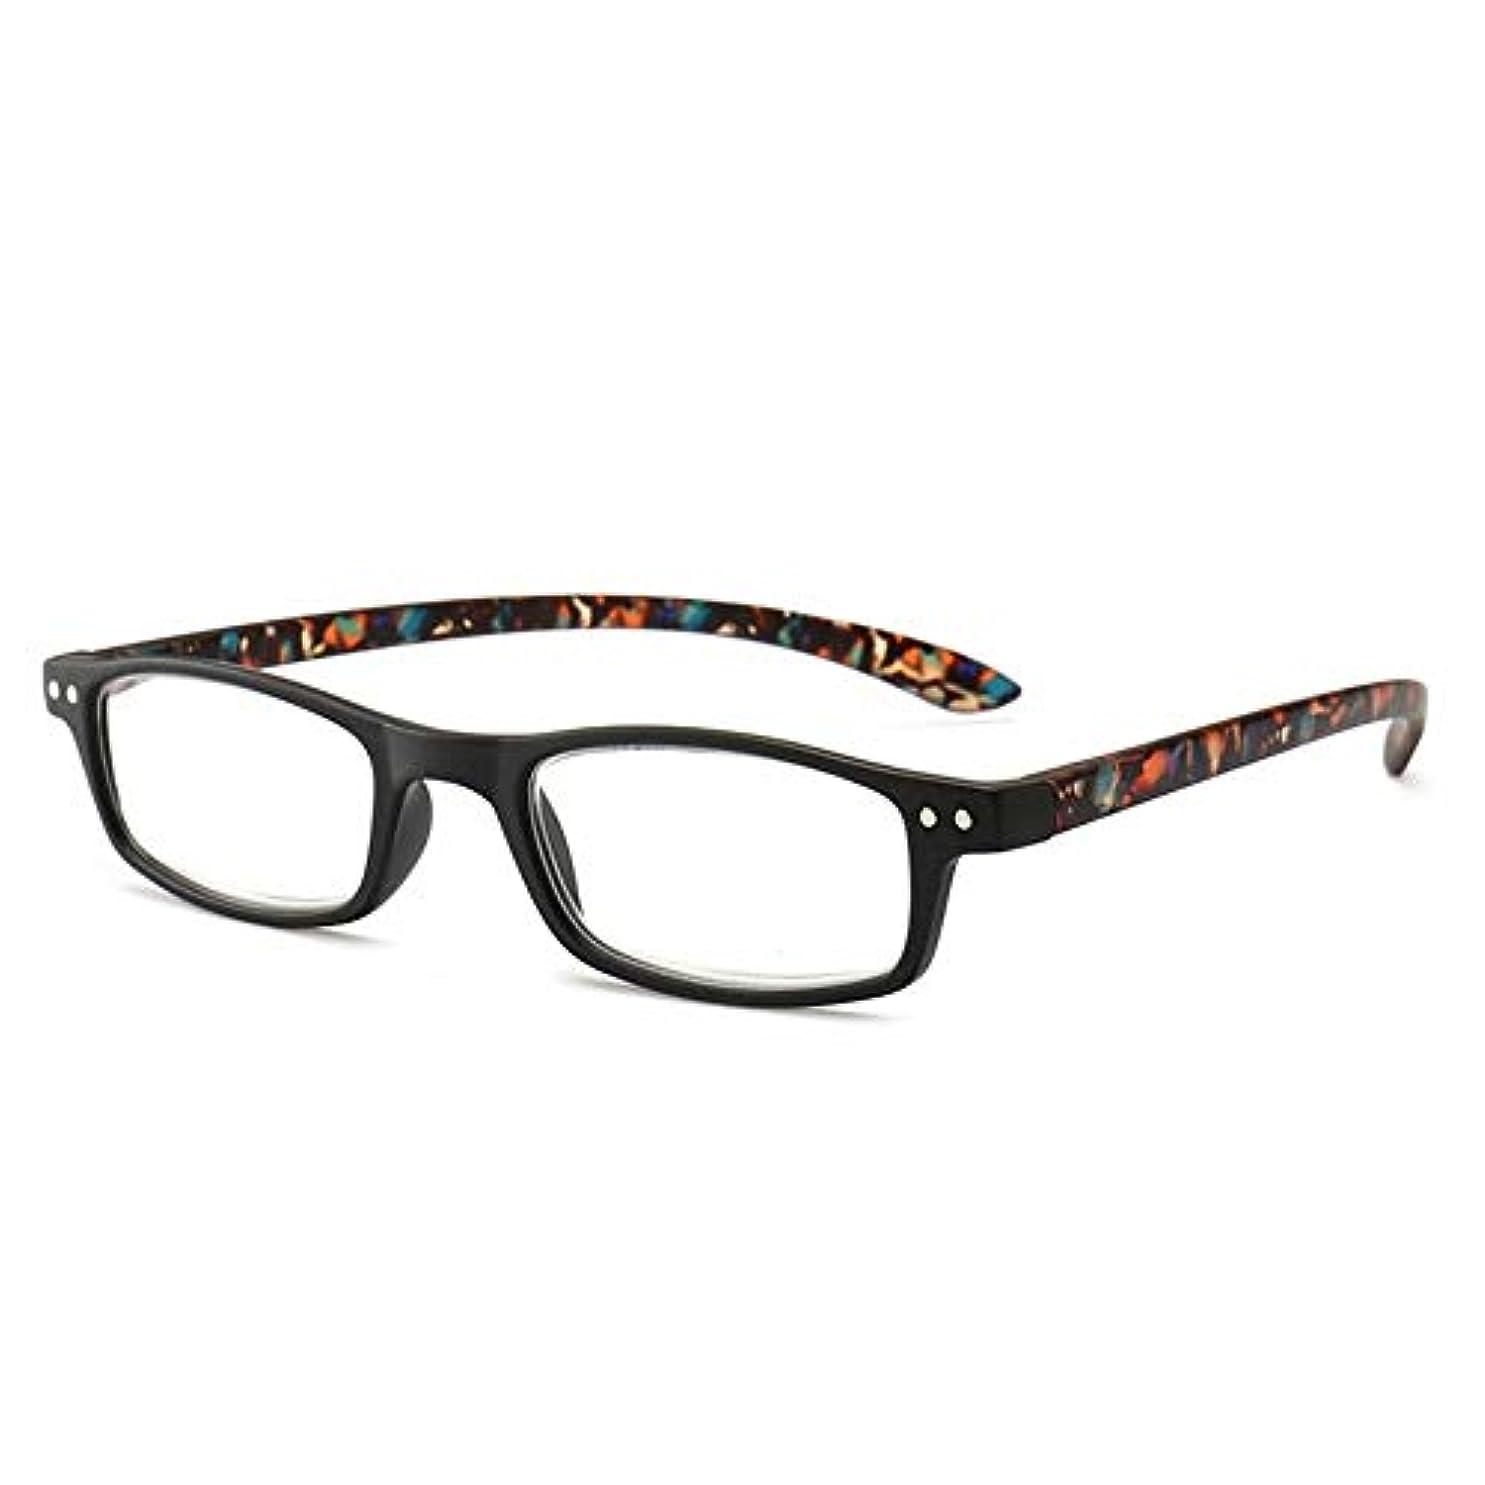 扇動する南聞きますT128老眼鏡視度+1.0〜+4.0女性男性フルフレームラウンドレンズ老視メガネ超軽量抗疲労-ブラック200